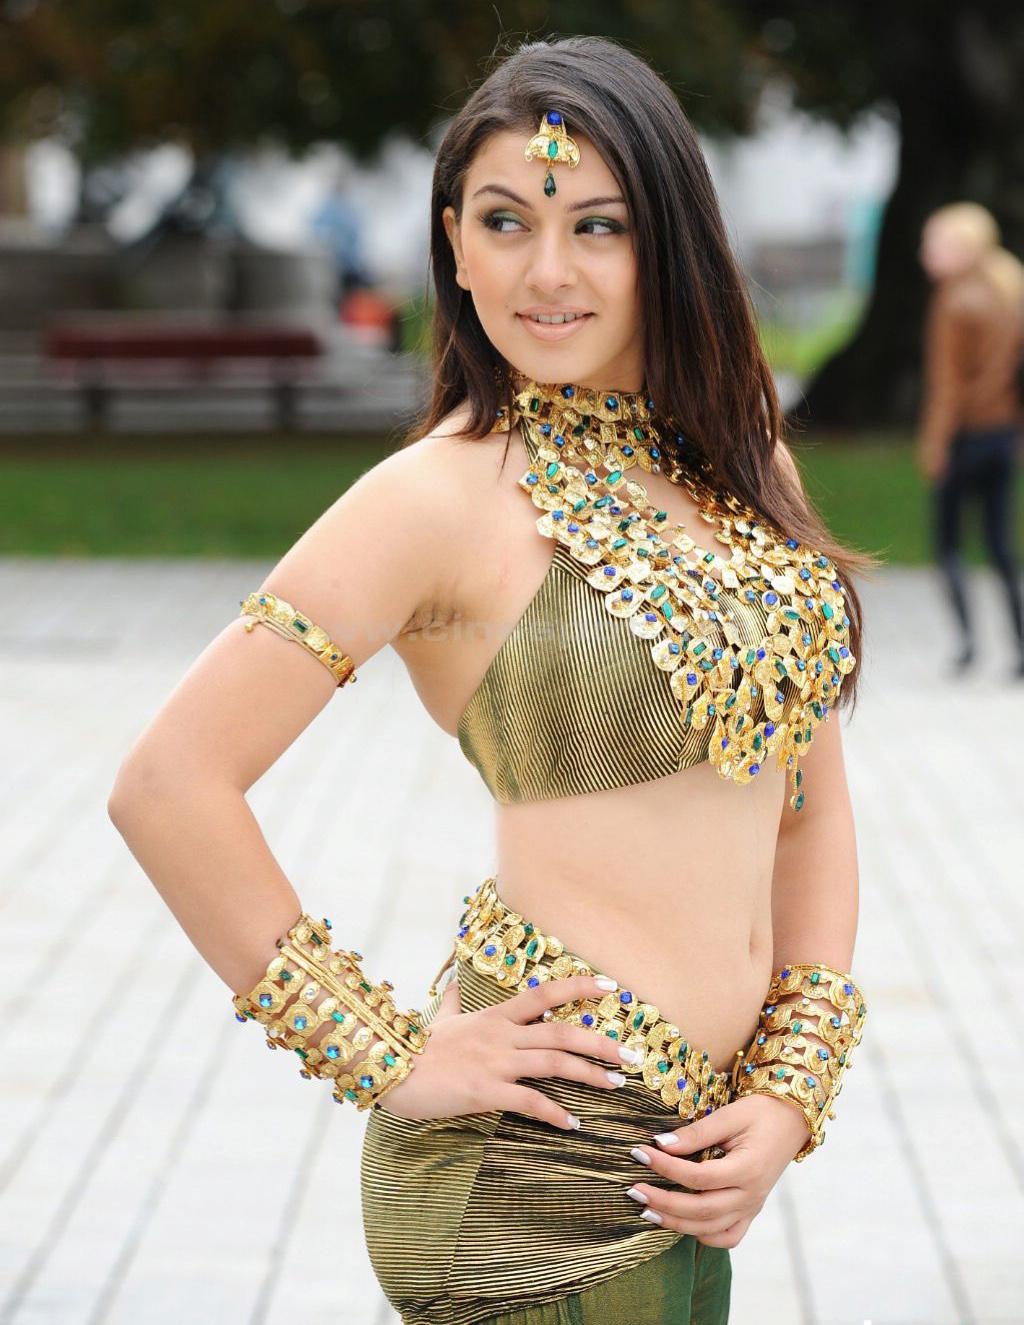 beautiful tamil actress hansika motwani - indian beauty's hot photos